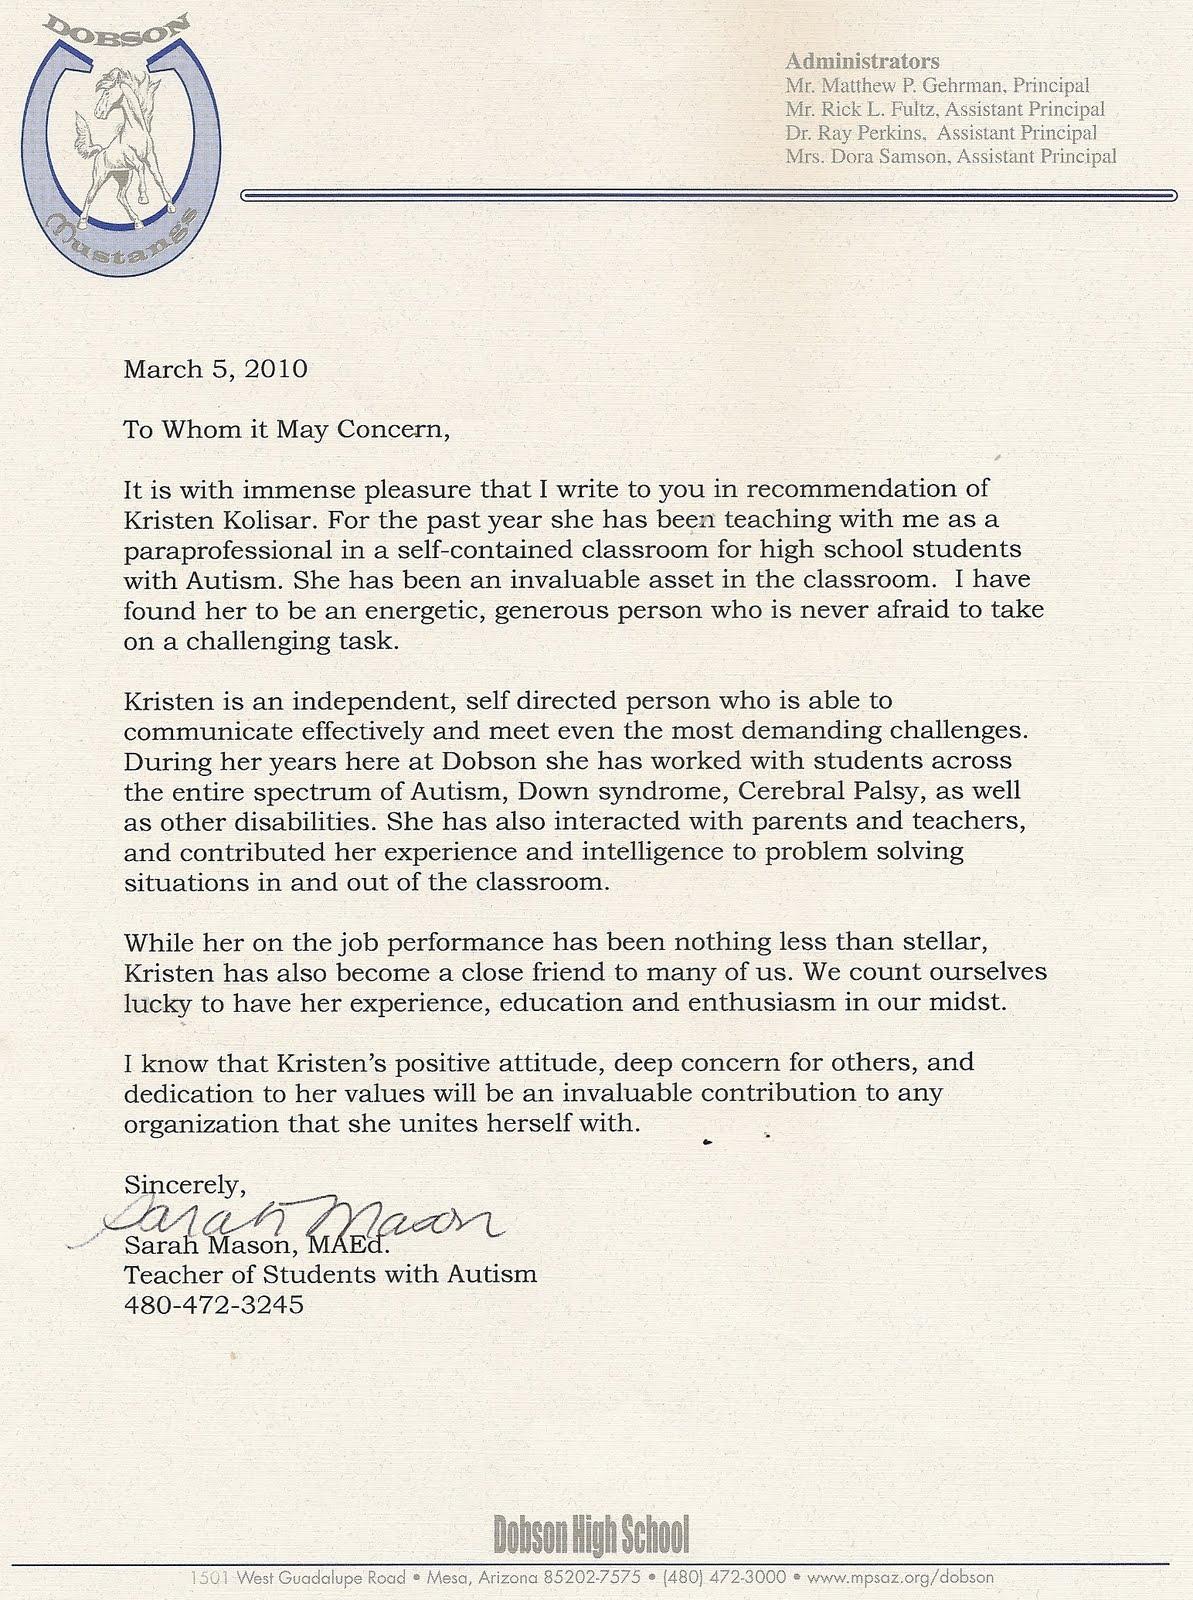 internship reference letter.